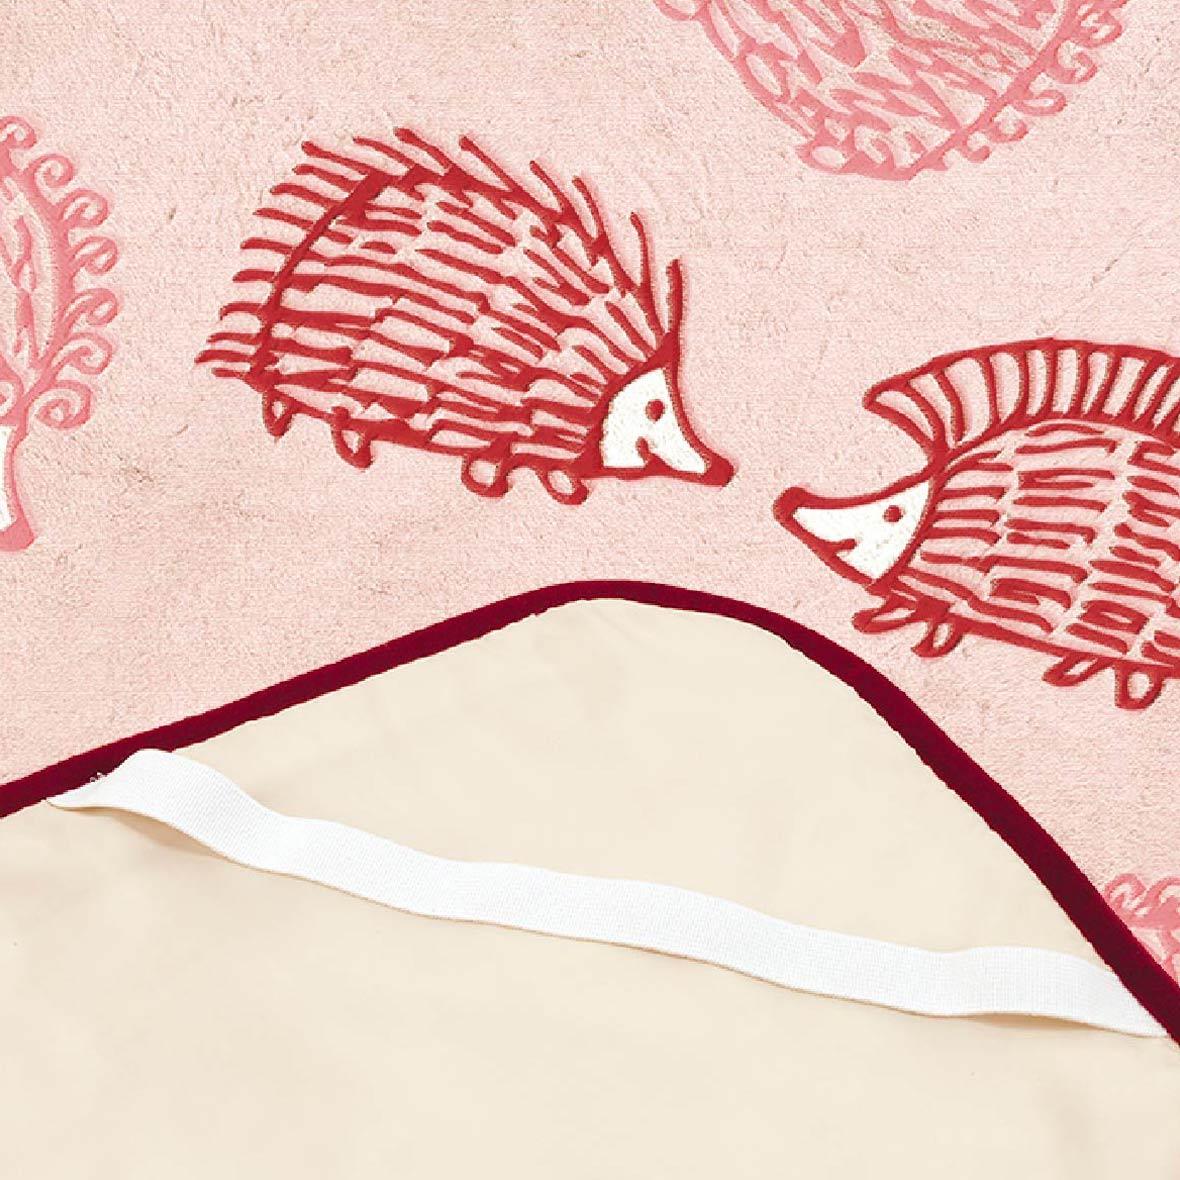 【TK】電気敷き毛布(ハリネズミ)